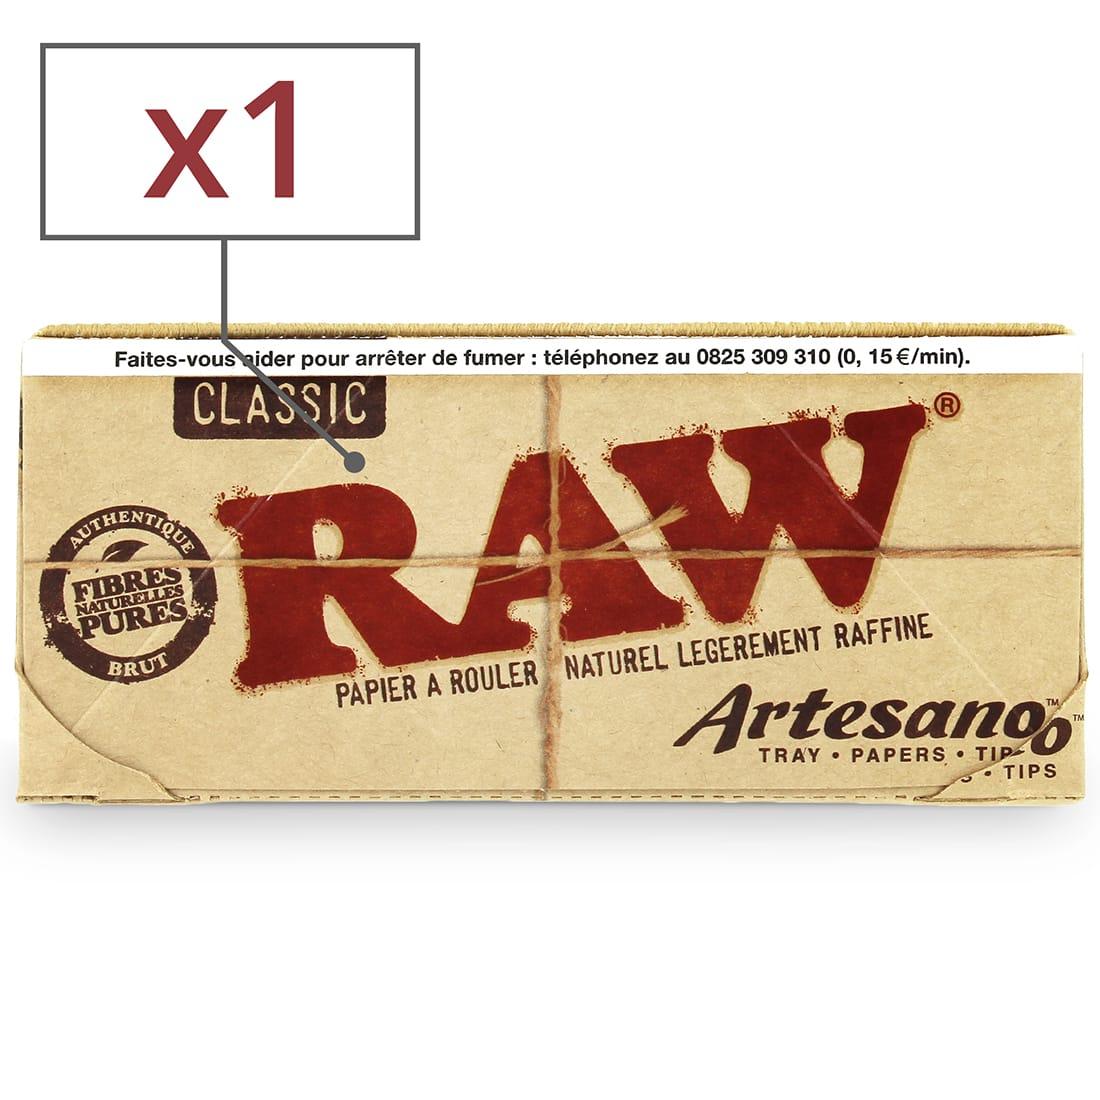 Photo de Feuille a rouler Raw Artesano Slim et Tips x 1